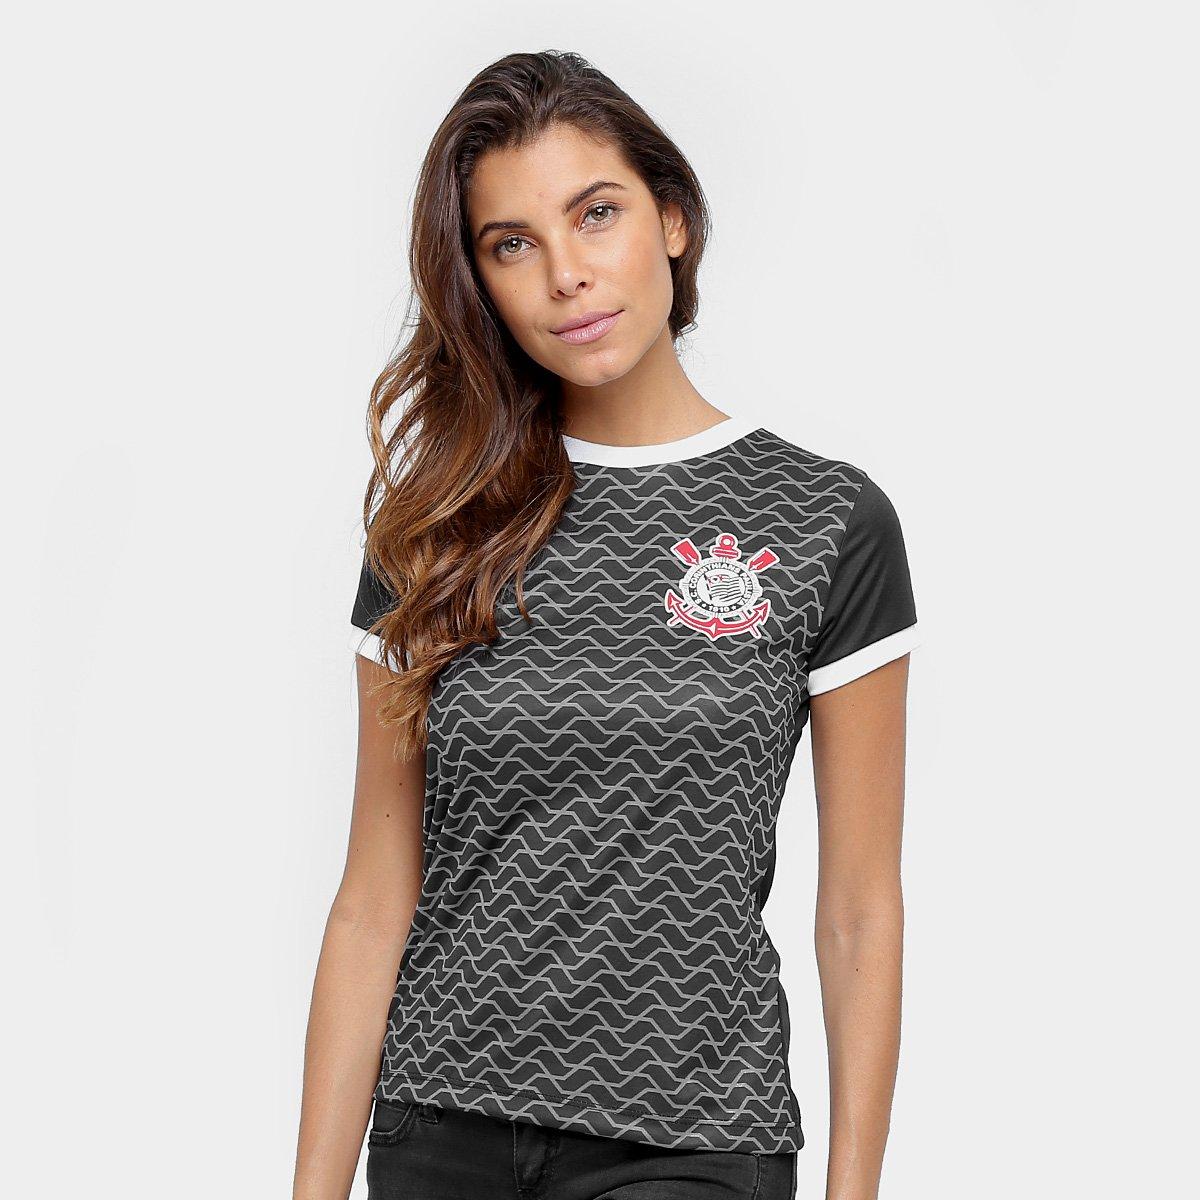 Camisa Corinthians Libertados Feminina